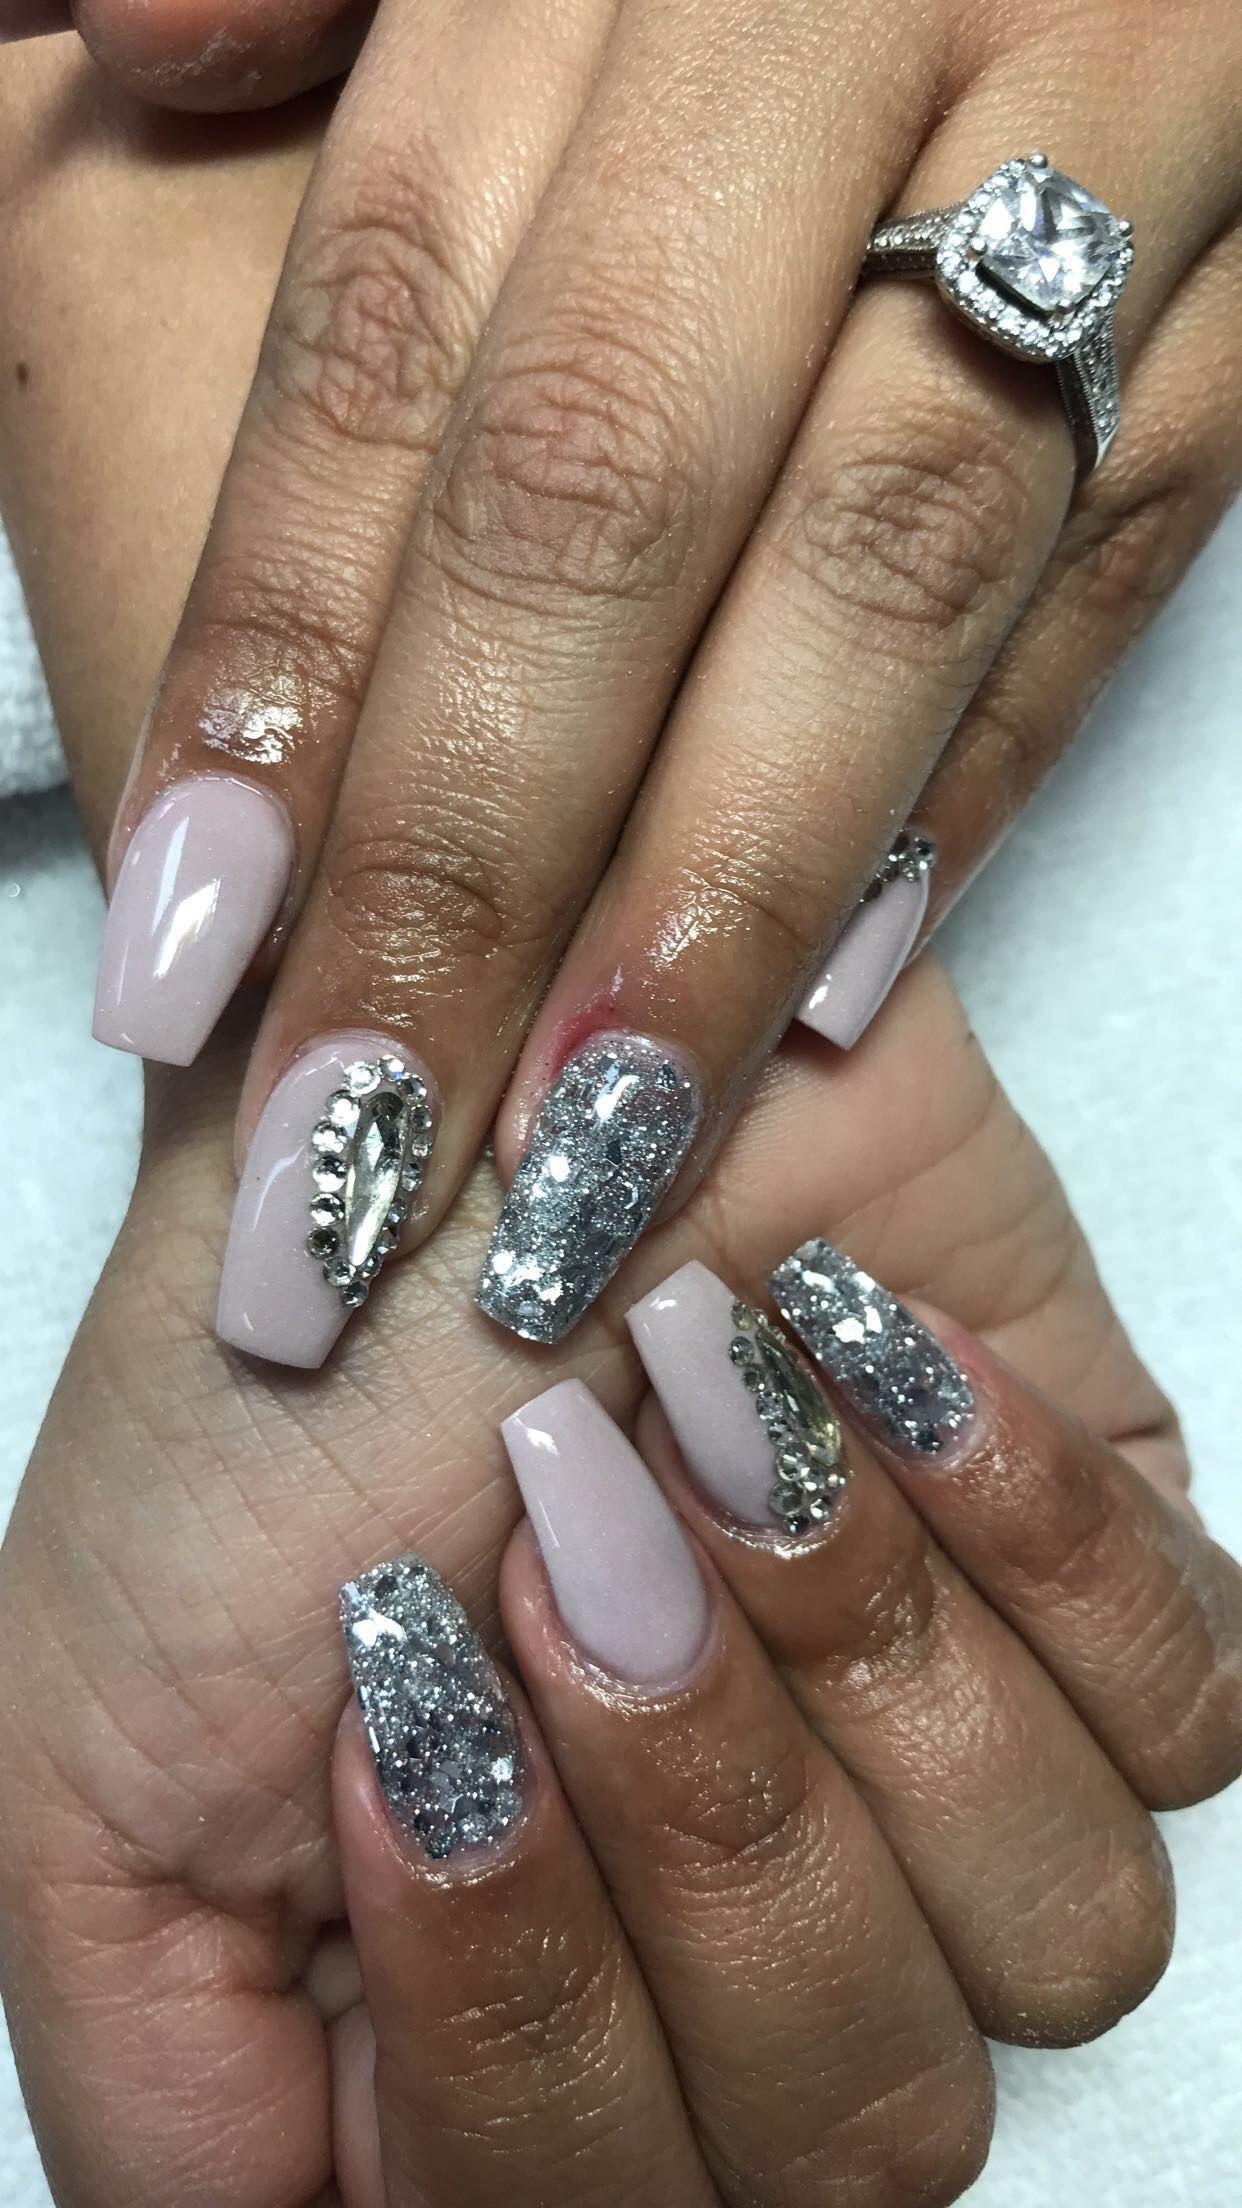 Pin by Johnny Nguyen on Diva nails & Spa # 1 | Diva nails, Nail spa ...